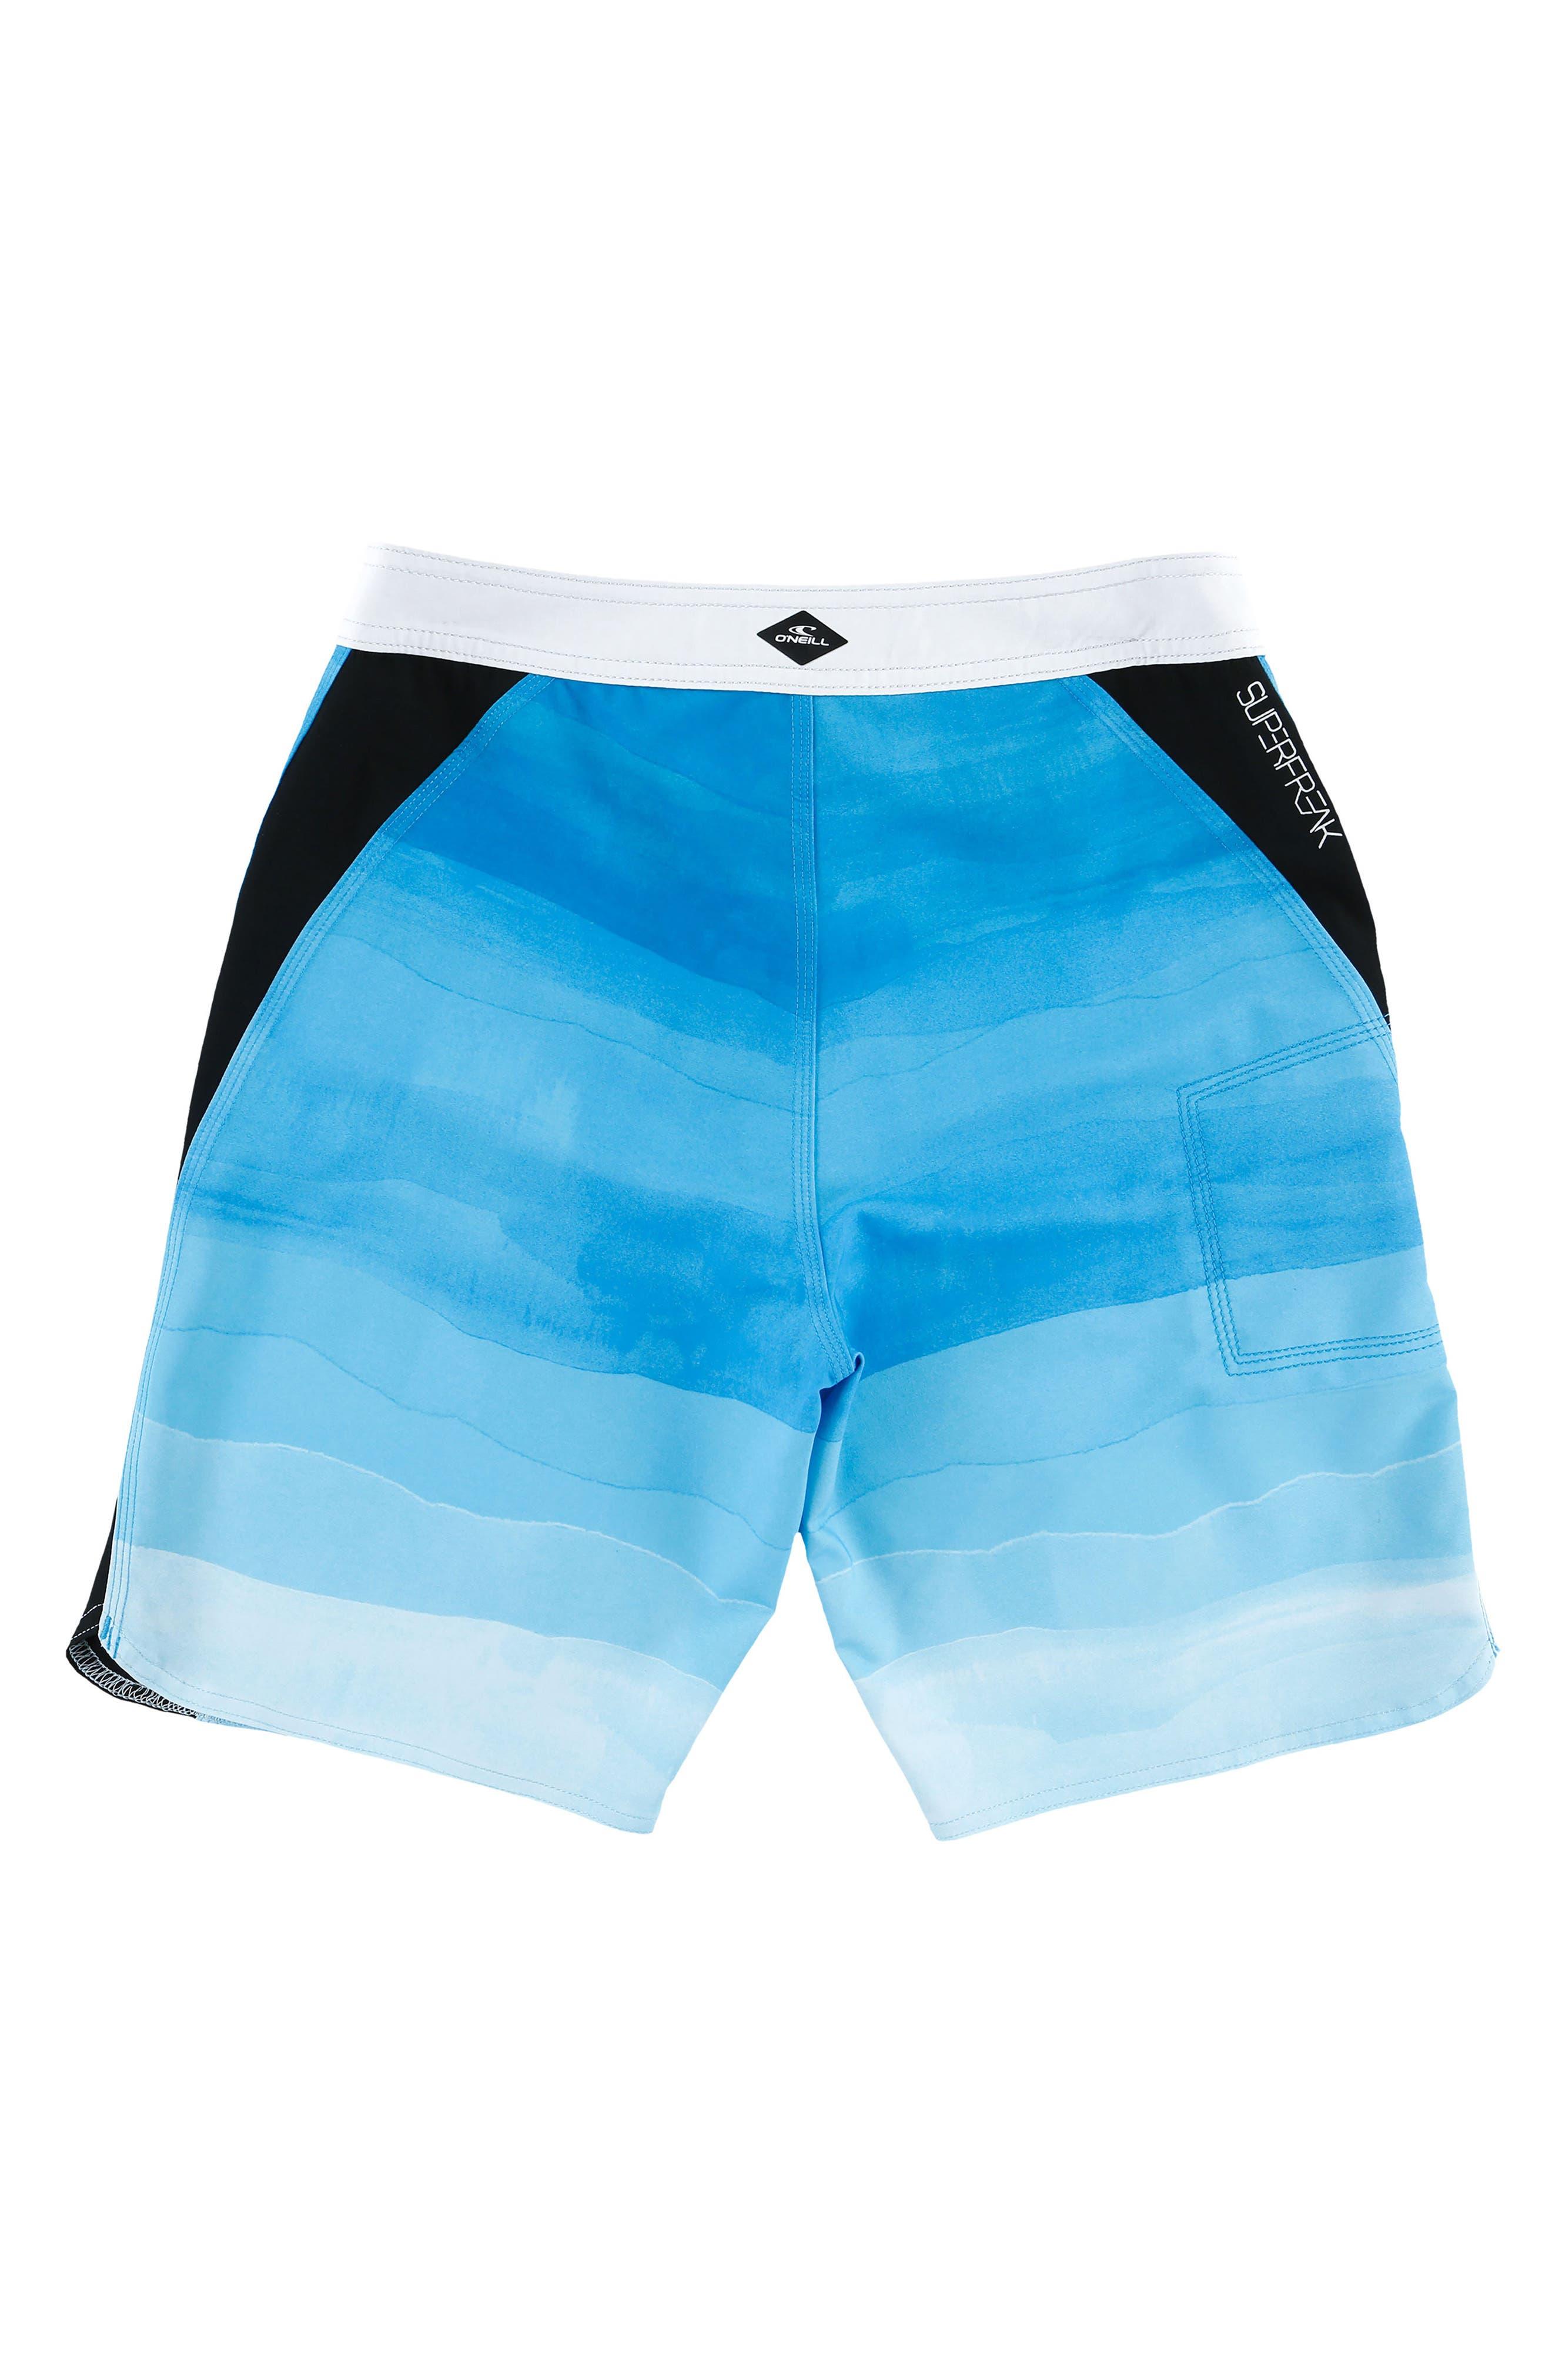 Sneakyfreak Axiom Board Shorts,                         Main,                         color,